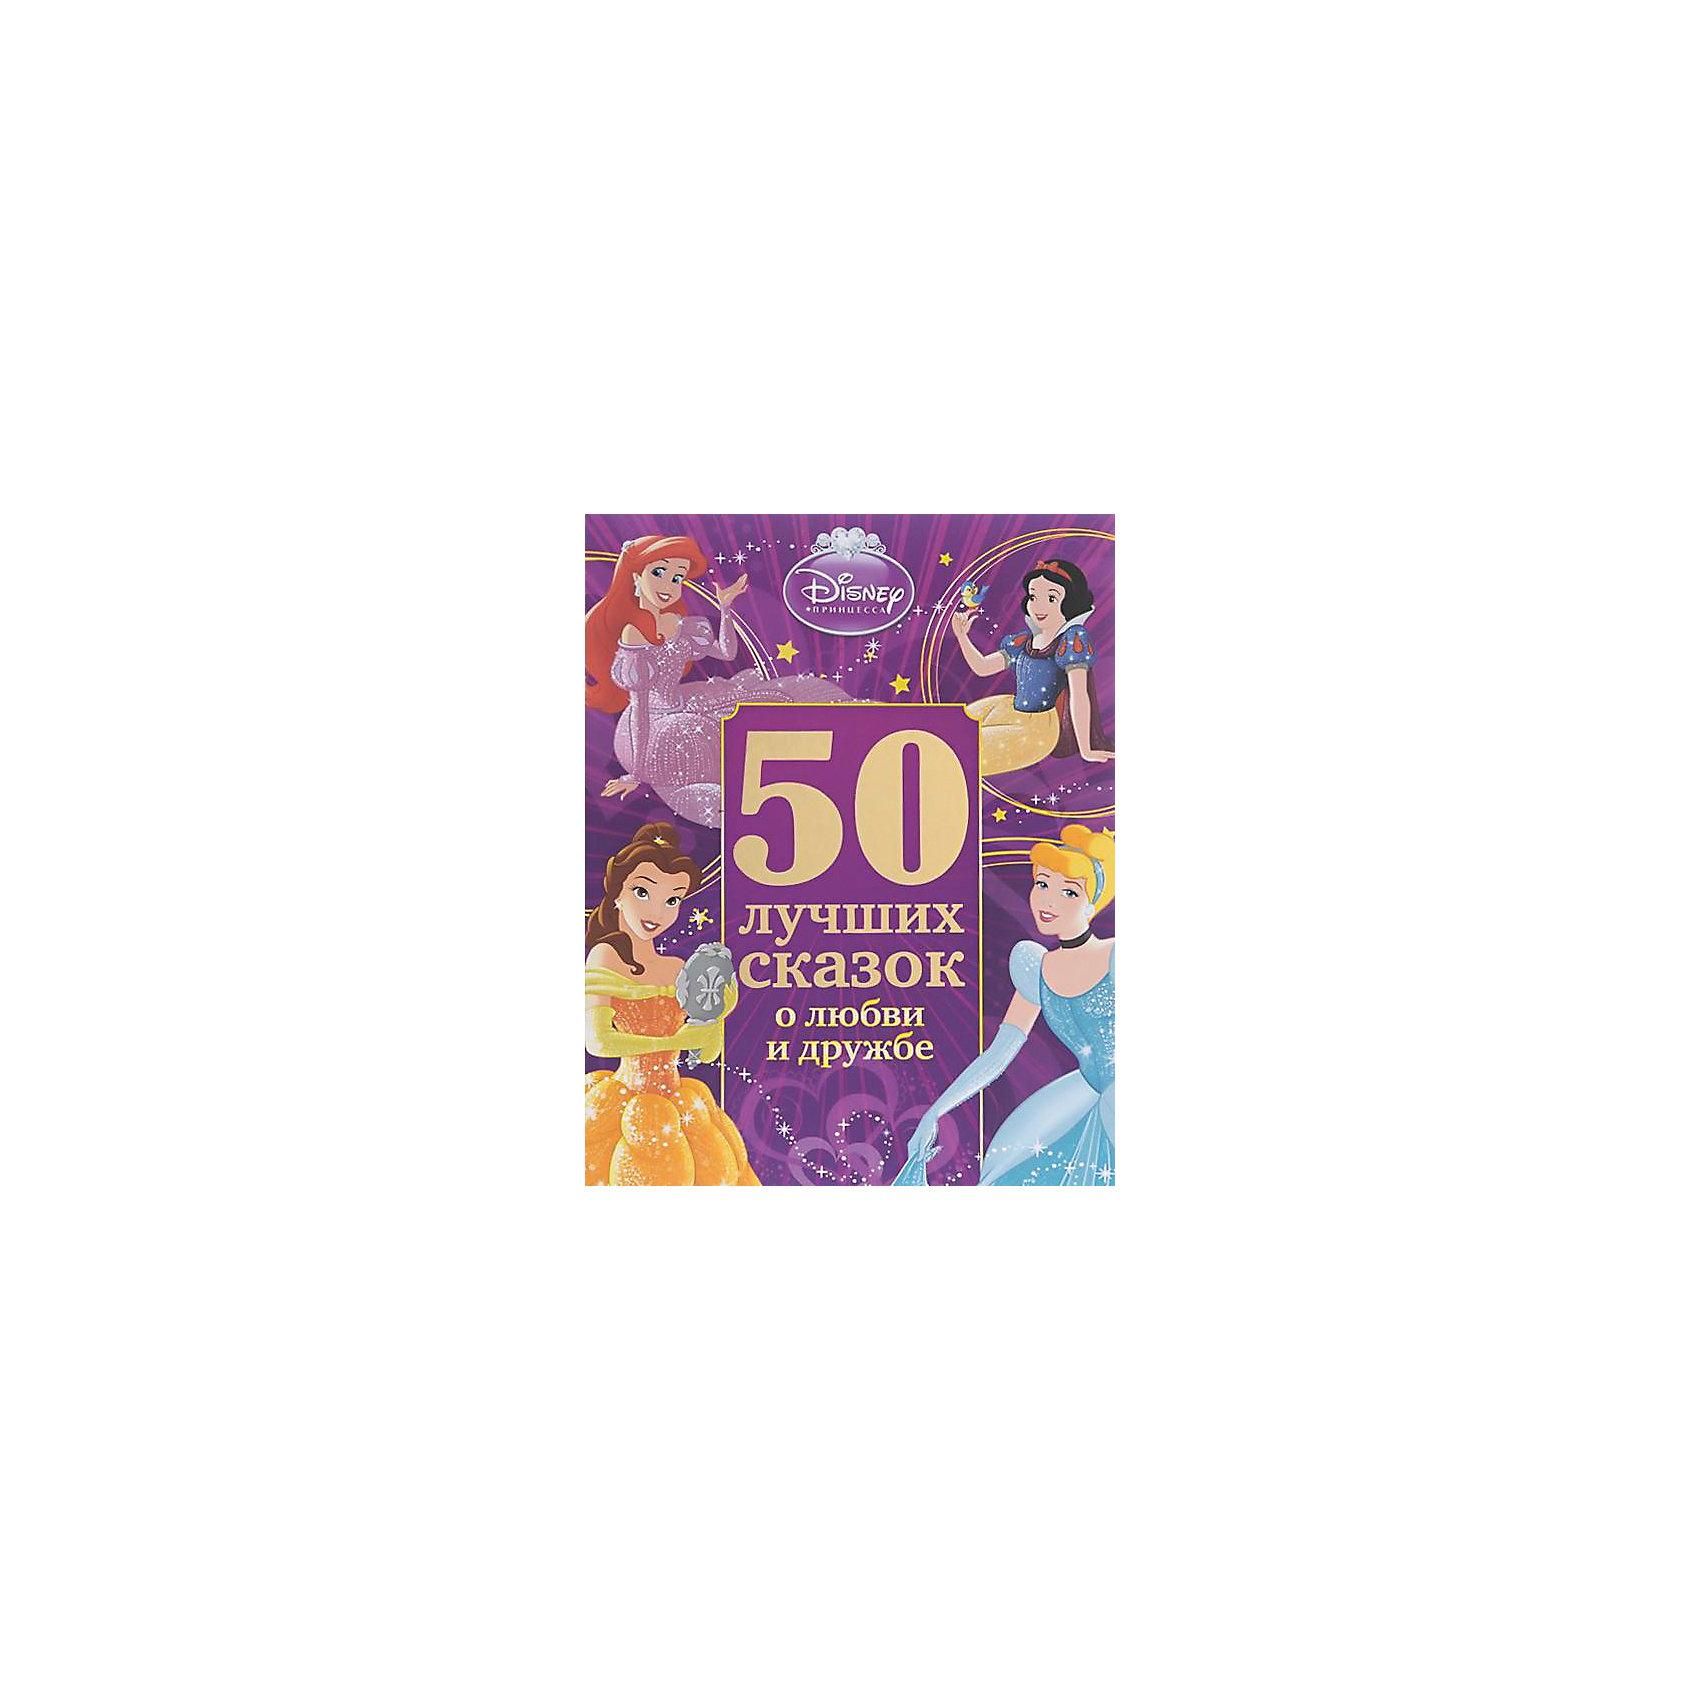 Книга 50 лучших сказок о любви и дружбеКнига 50 лучших сказок о любви и дружбе – персонажи известных мультфильмов Уолта Диснея ждут малышей на страницах книги.<br>Великолепный сборник включает 50 сказок по мотивам любимых анимационных фильмов Disney. Малышам интересно, как сложилась судьба героев после того, как погас экран телевизора. Теперь сказки продолжаются, а сюжеты получают новое развитие, и об этом вы с ребенком узнаете вместе, удобно устроившись с книжкой в руках.<br><br>Дополнительная информация:<br><br>- Редактор: Татьяна Пименова<br>- Издательство: Эгмонт<br>- Тип обложки: твердый переплет, плотная бумага или картон<br>- Иллюстрации: цветные<br>- Количество страниц: 56 (мелованная)<br>- Размер: 285 x 210 x 5 мм.<br>- Вес: 431 гр.<br><br>Книгу 50 лучших сказок о любви и дружбе можно купить в нашем интернет-магазине.<br><br>Ширина мм: 285<br>Глубина мм: 210<br>Высота мм: 5<br>Вес г: 100<br>Возраст от месяцев: 36<br>Возраст до месяцев: 72<br>Пол: Женский<br>Возраст: Детский<br>SKU: 4400500